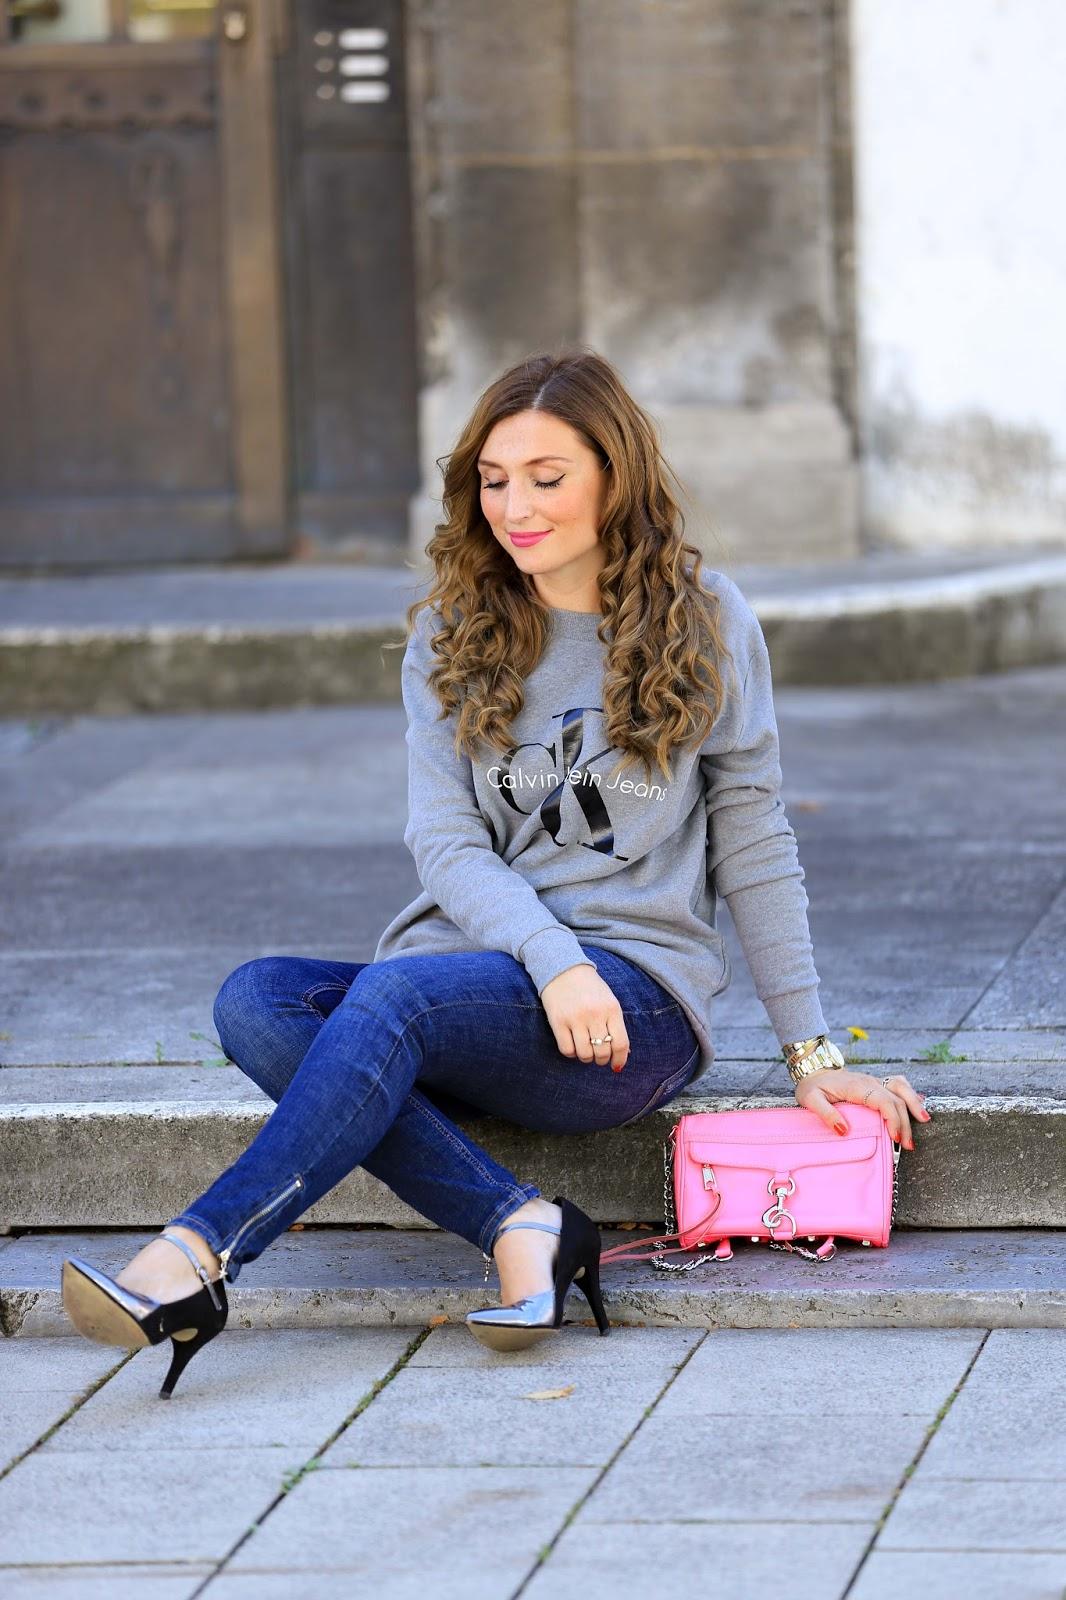 CK Pullover-Grauer Calvin Klein Pulli-grauer Pullover-pinke Tasche-Stella Mc Cartney Tasche-silberne Schuhe-Casual Streetstyle-Fashionstylebyjohanna-Blogger-Fashionblog-Outfit-Modeblog-München-deutsche-Fashionblogger-Influencer